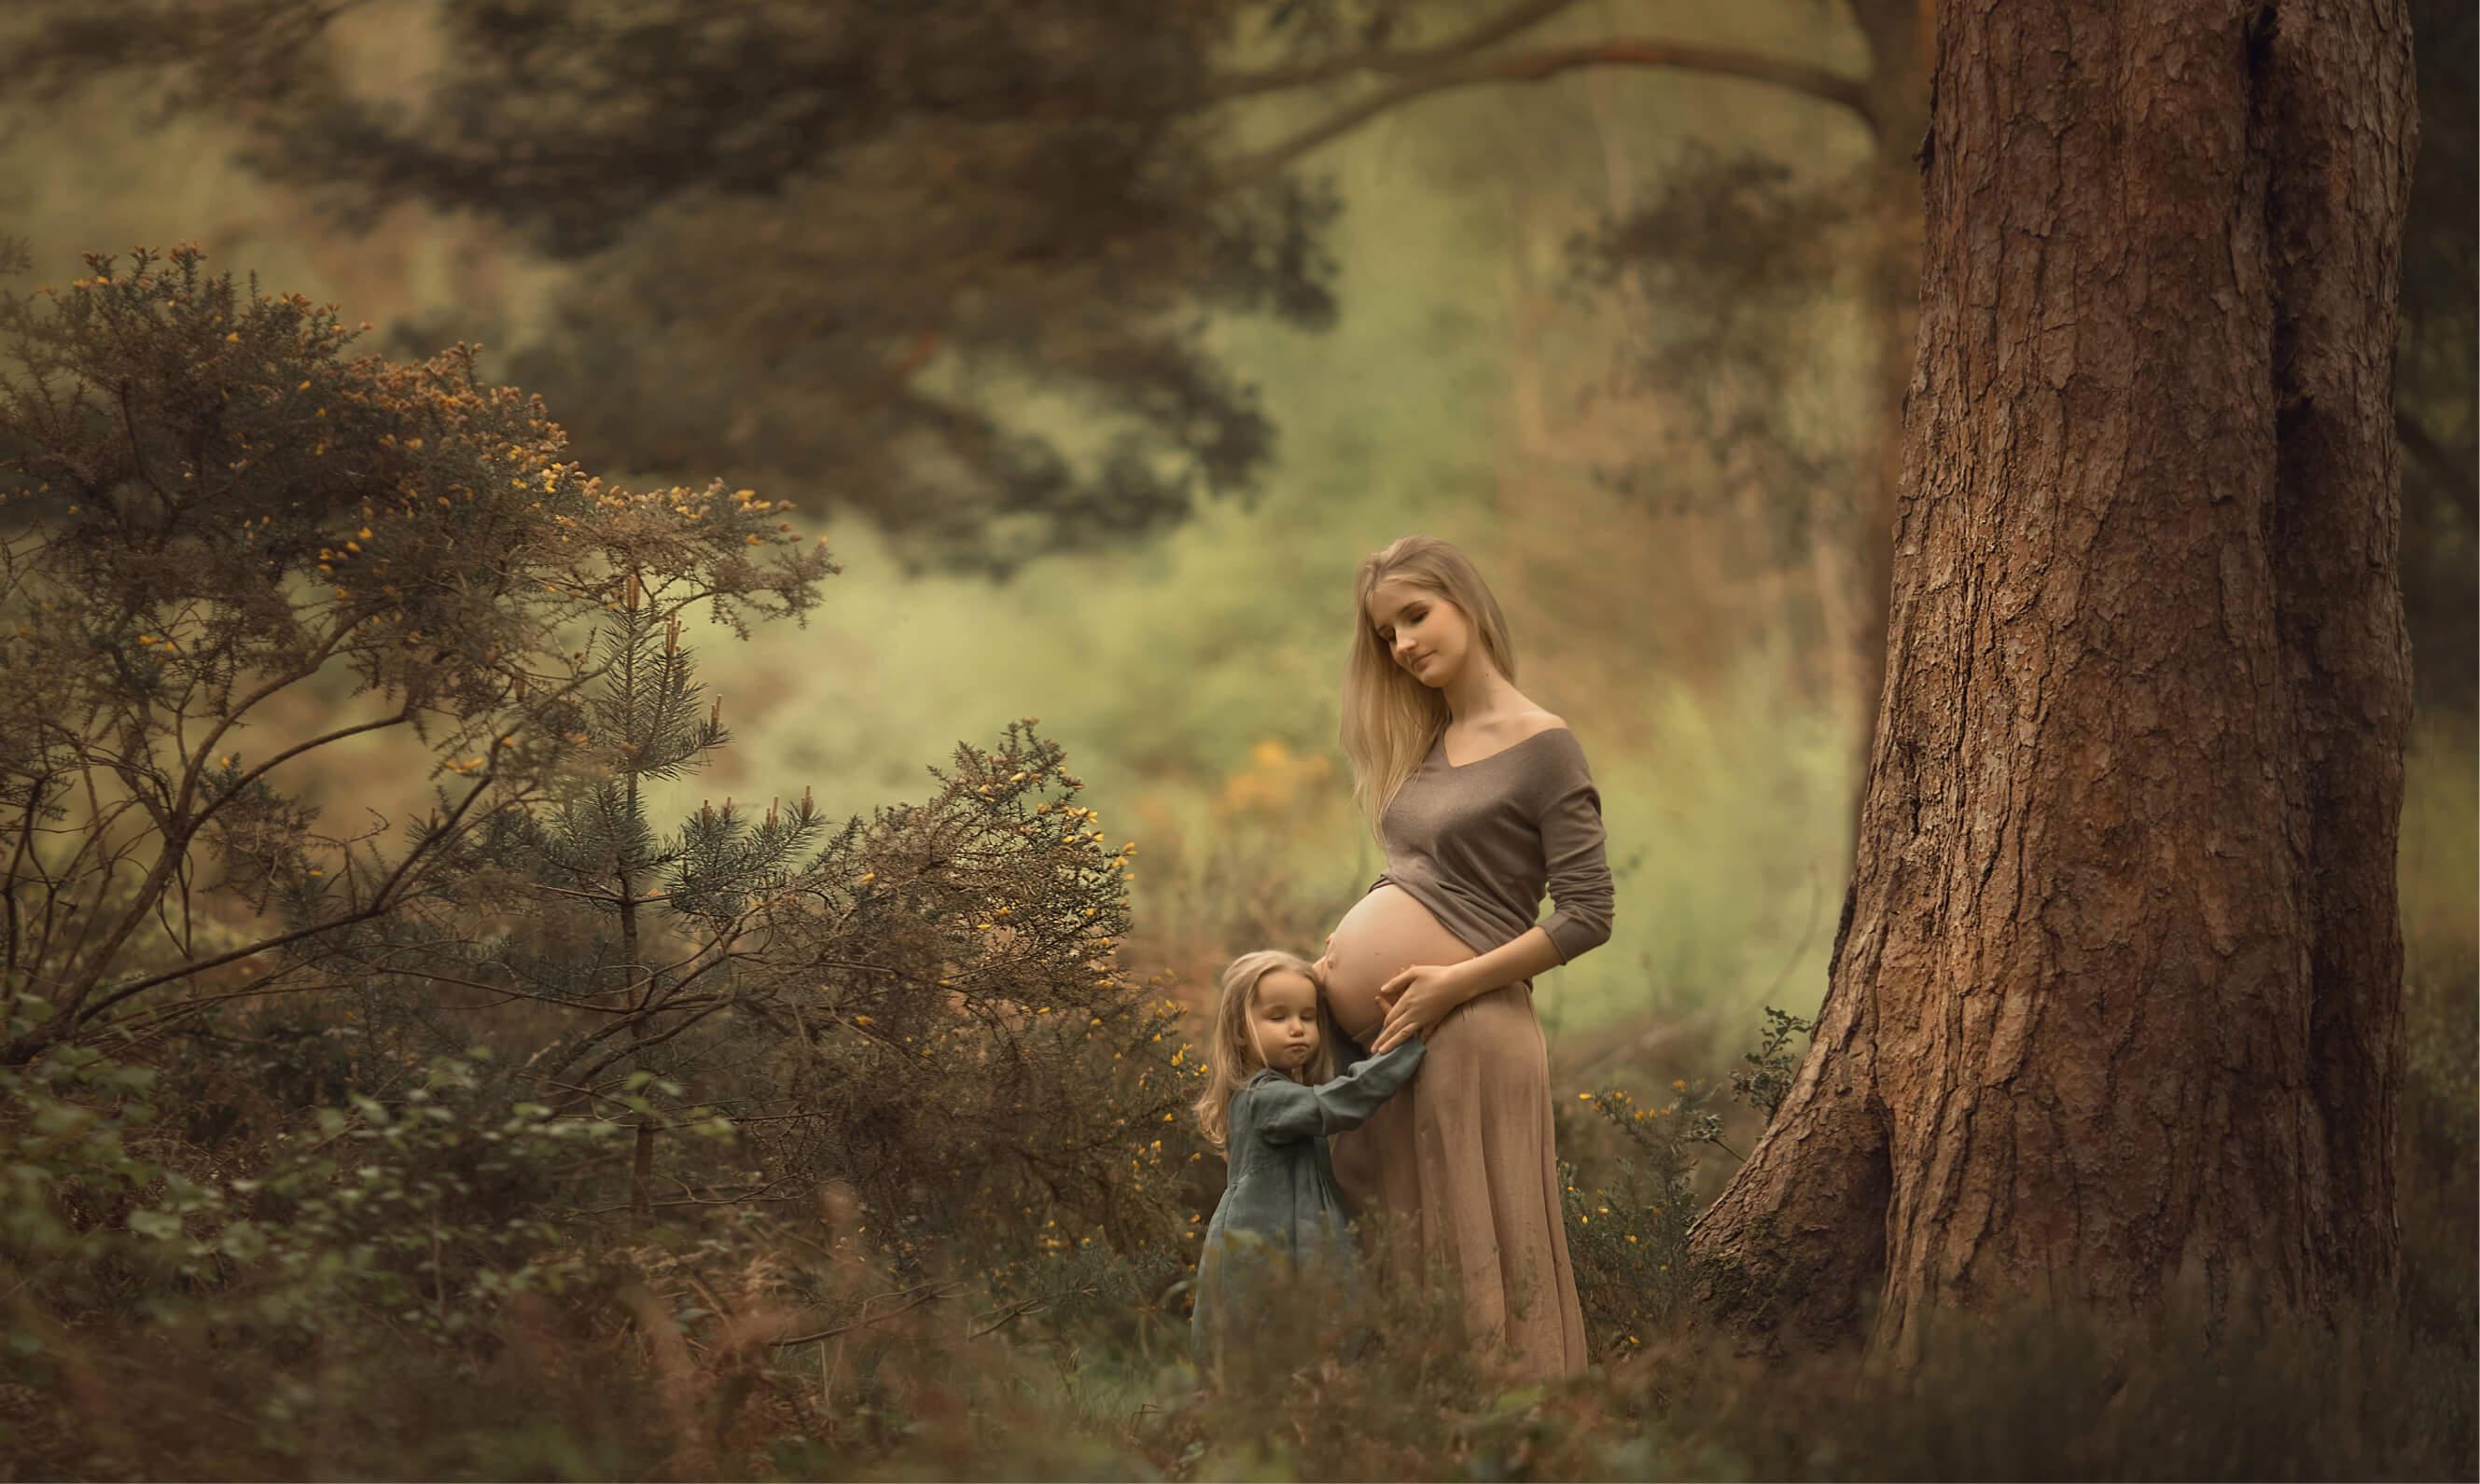 Master class: Blisko mamy - fotografia ciążowa i dziecięca Julii Zarkh